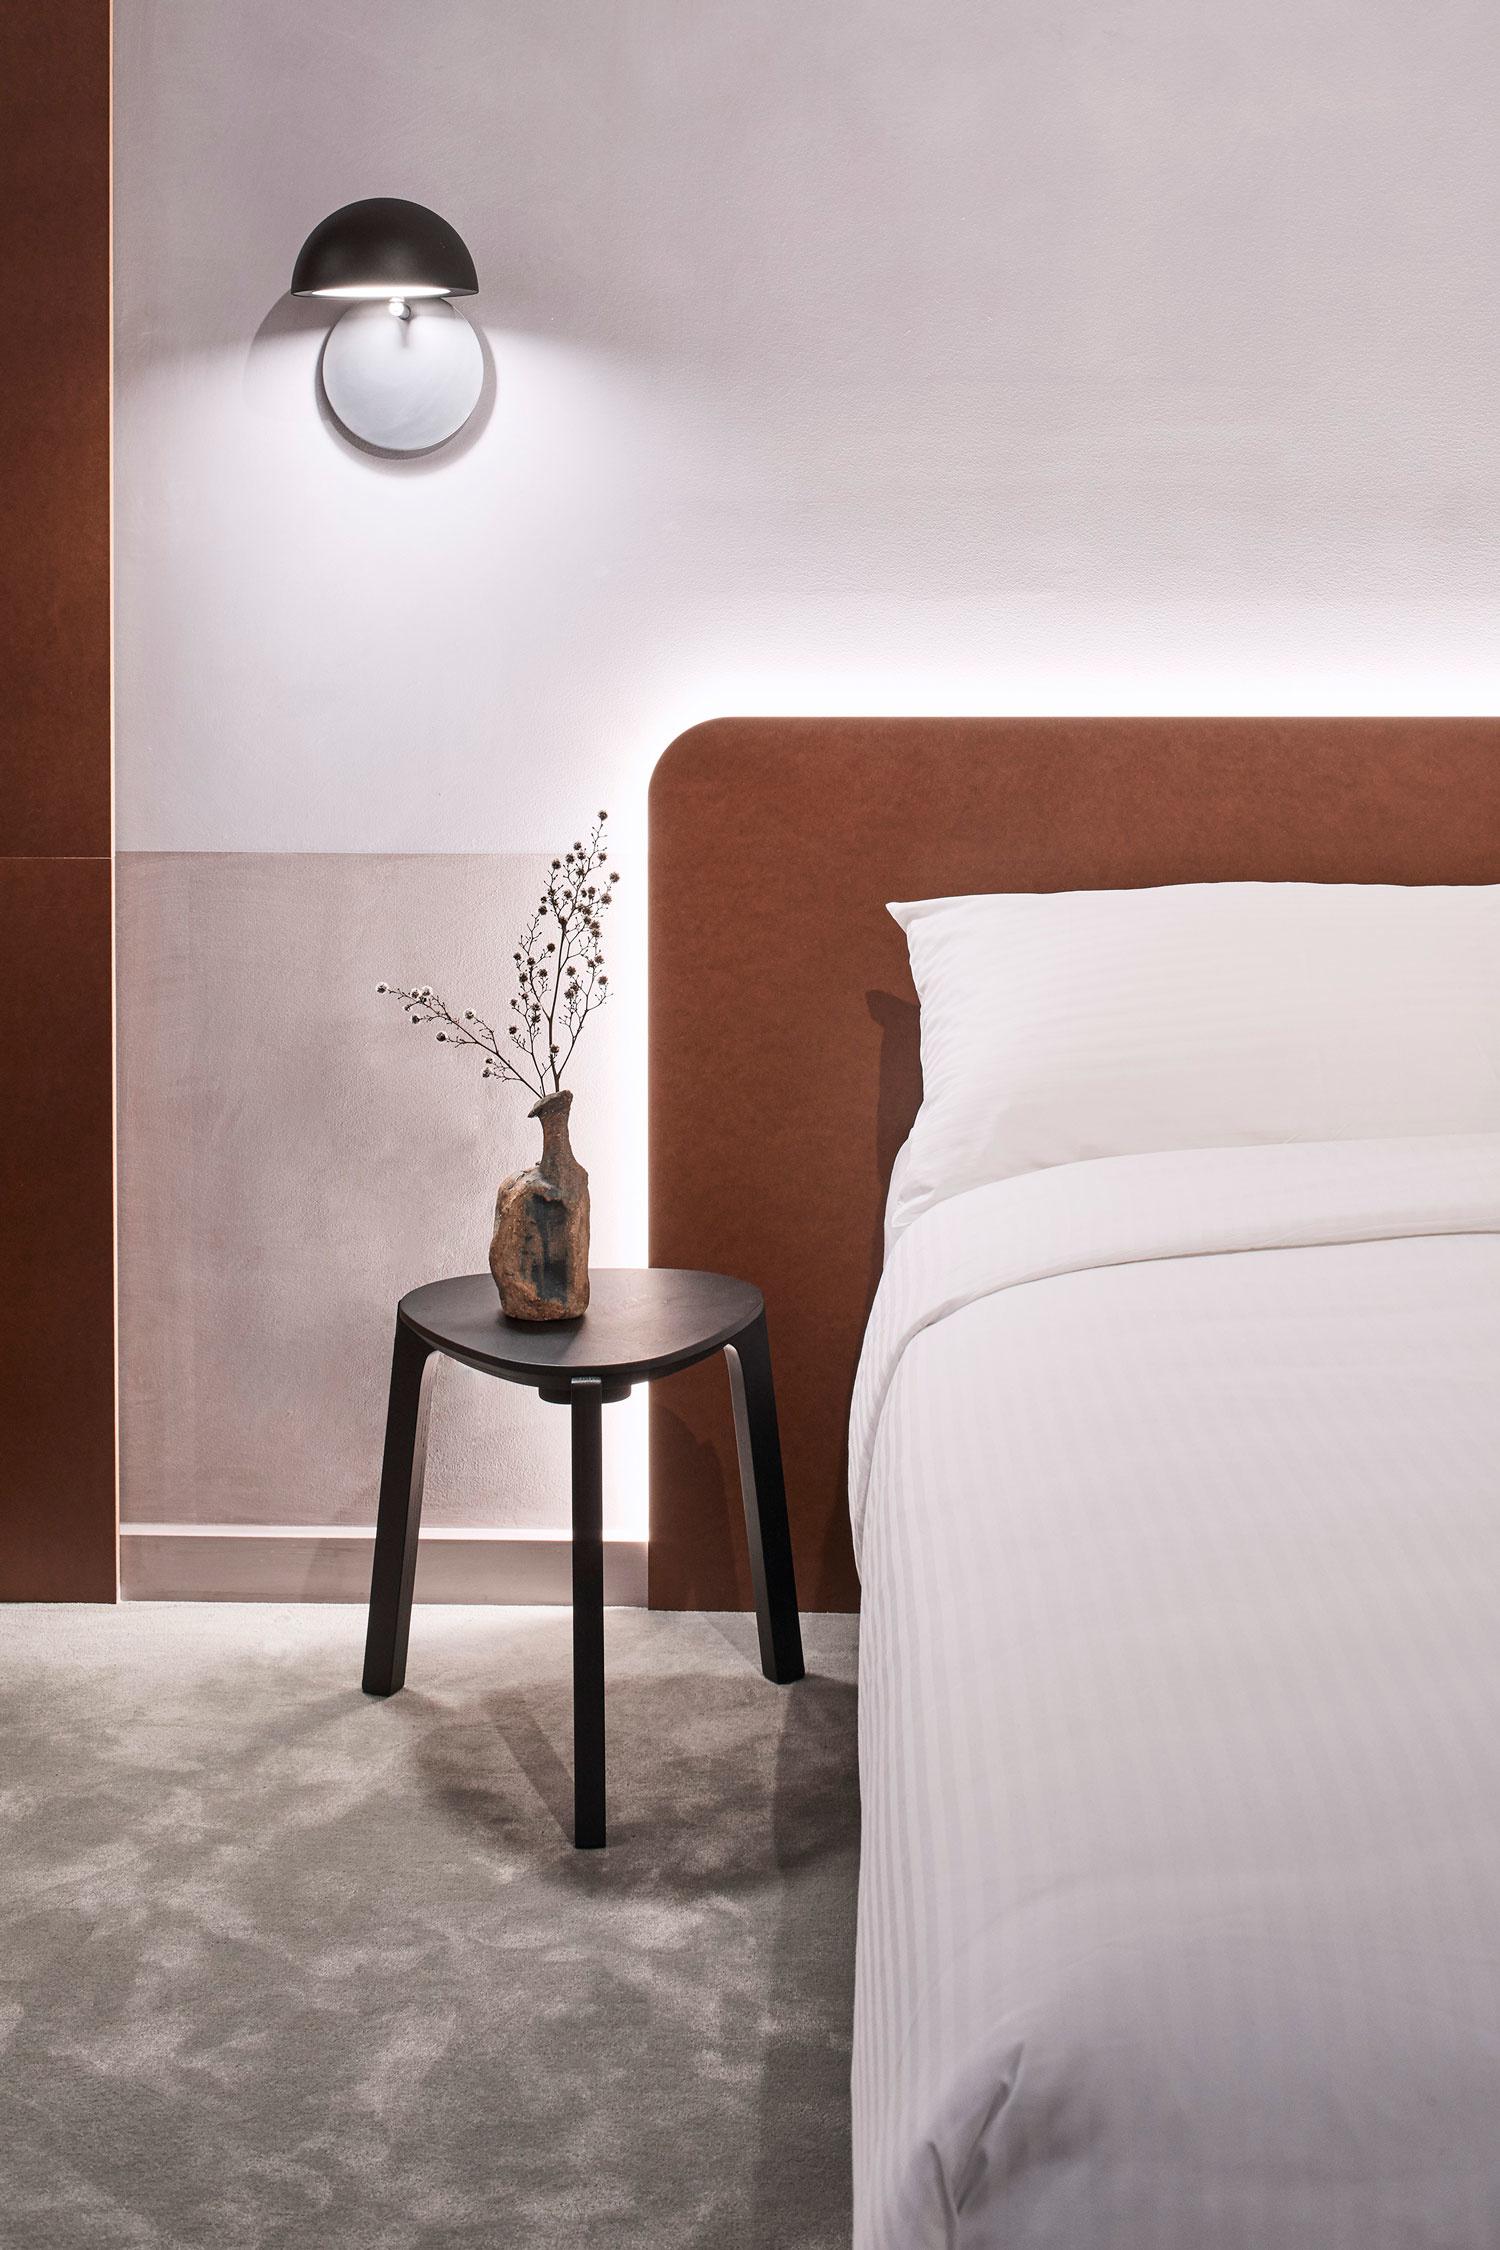 Отель Collectionist: современное искусство и авторский декор (галерея 12, фото 5)